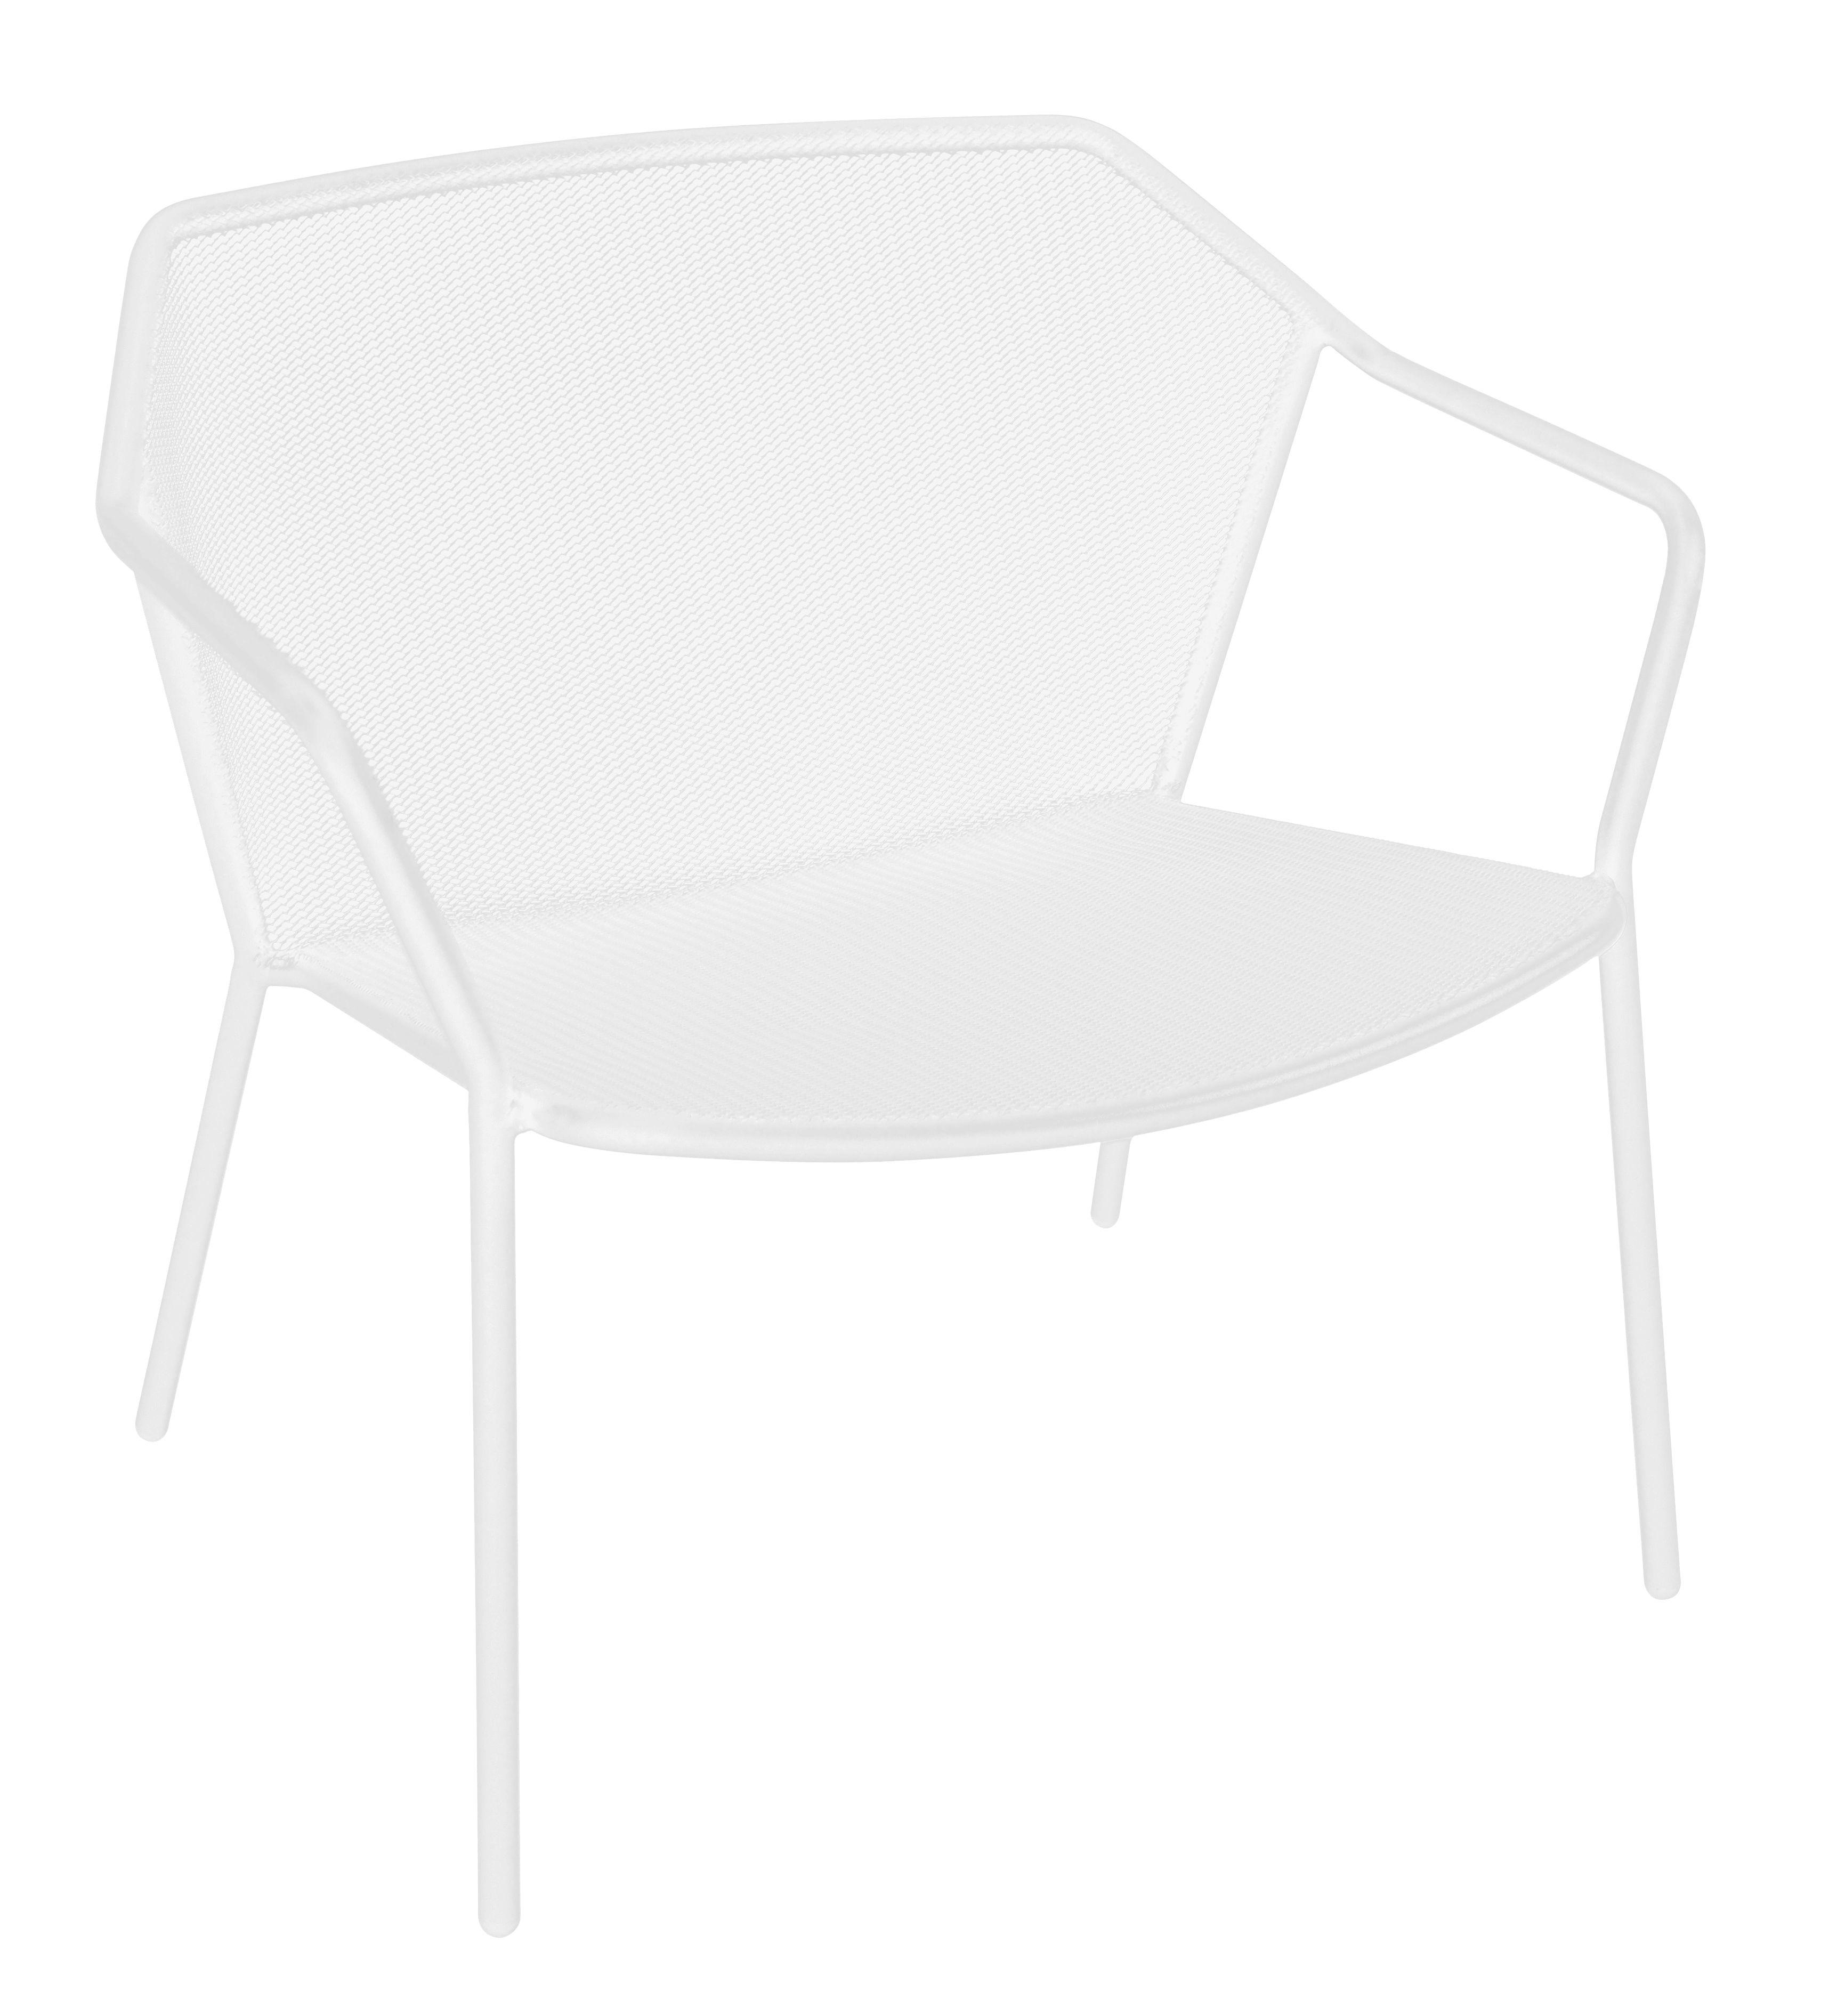 Arredamento - Poltrone design  - Chauffeuse Darwin / Metallo - Emu - Bianco - Acciaio verniciato